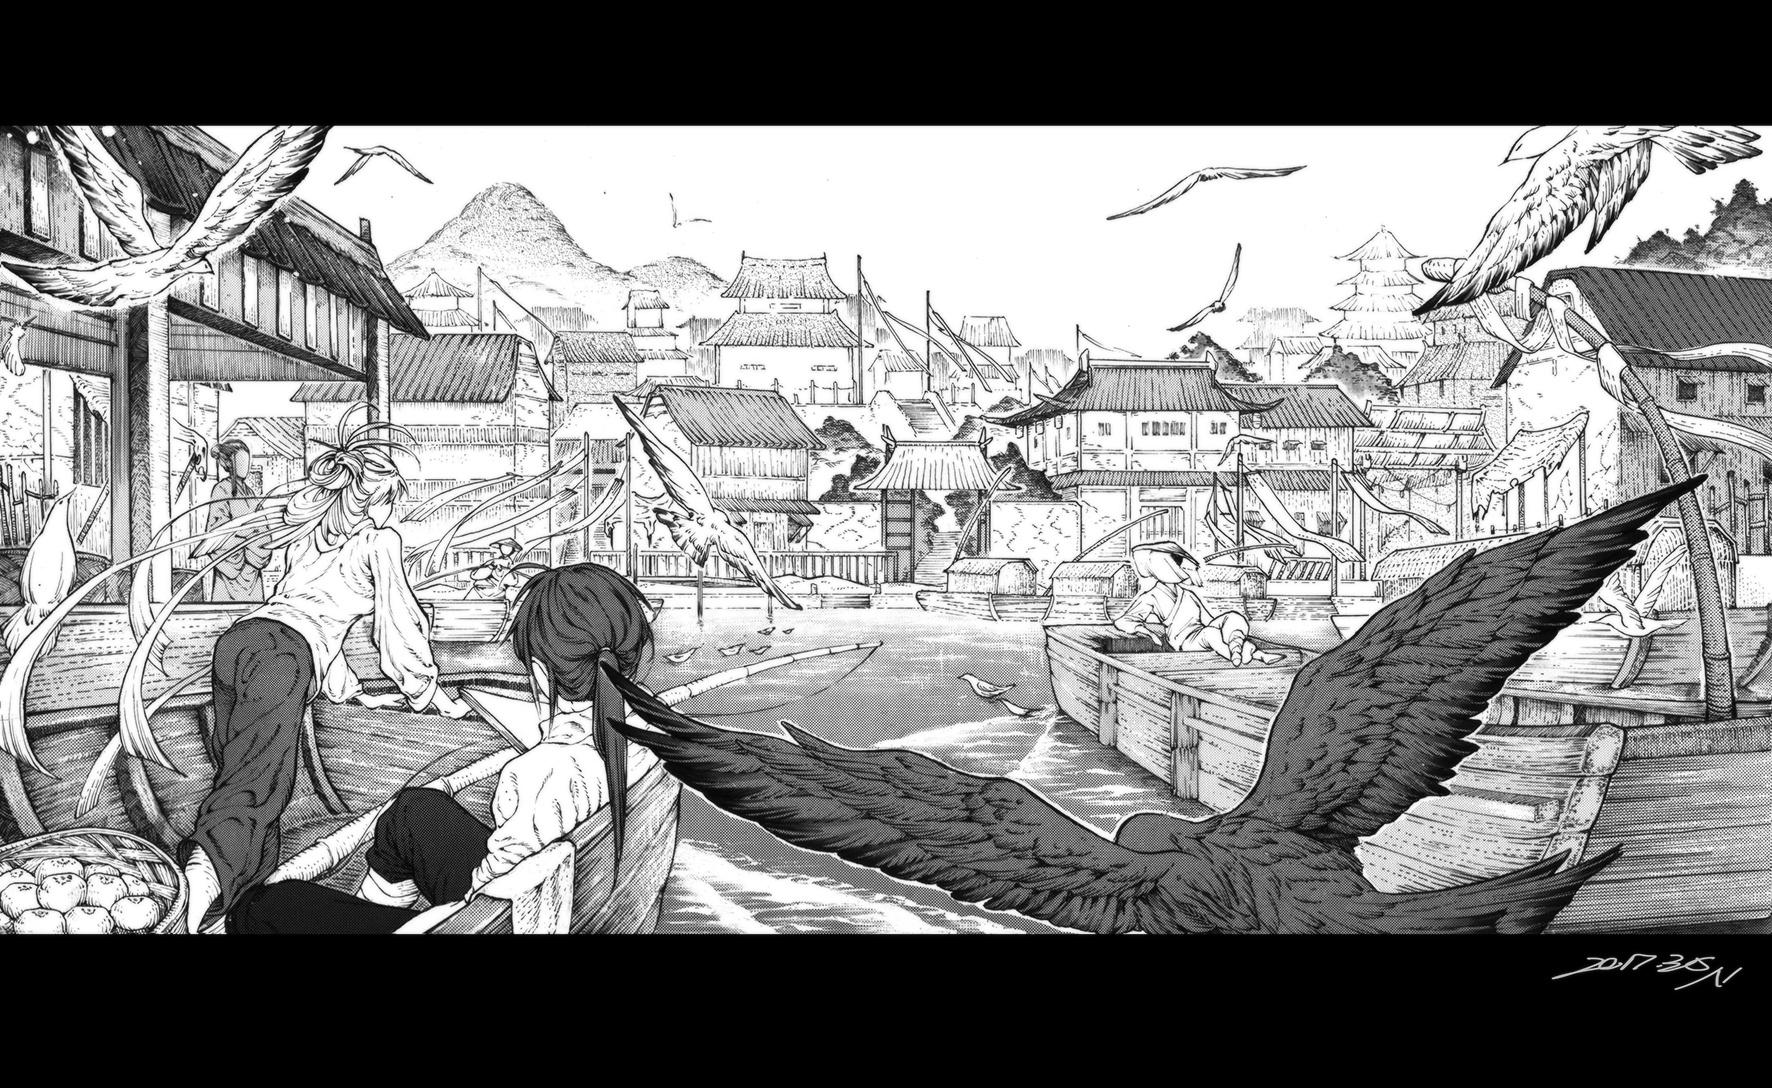 黑白场景练习-漫画|渔村|单幅动漫|逆也Nemo-3给漫画你全部都图片